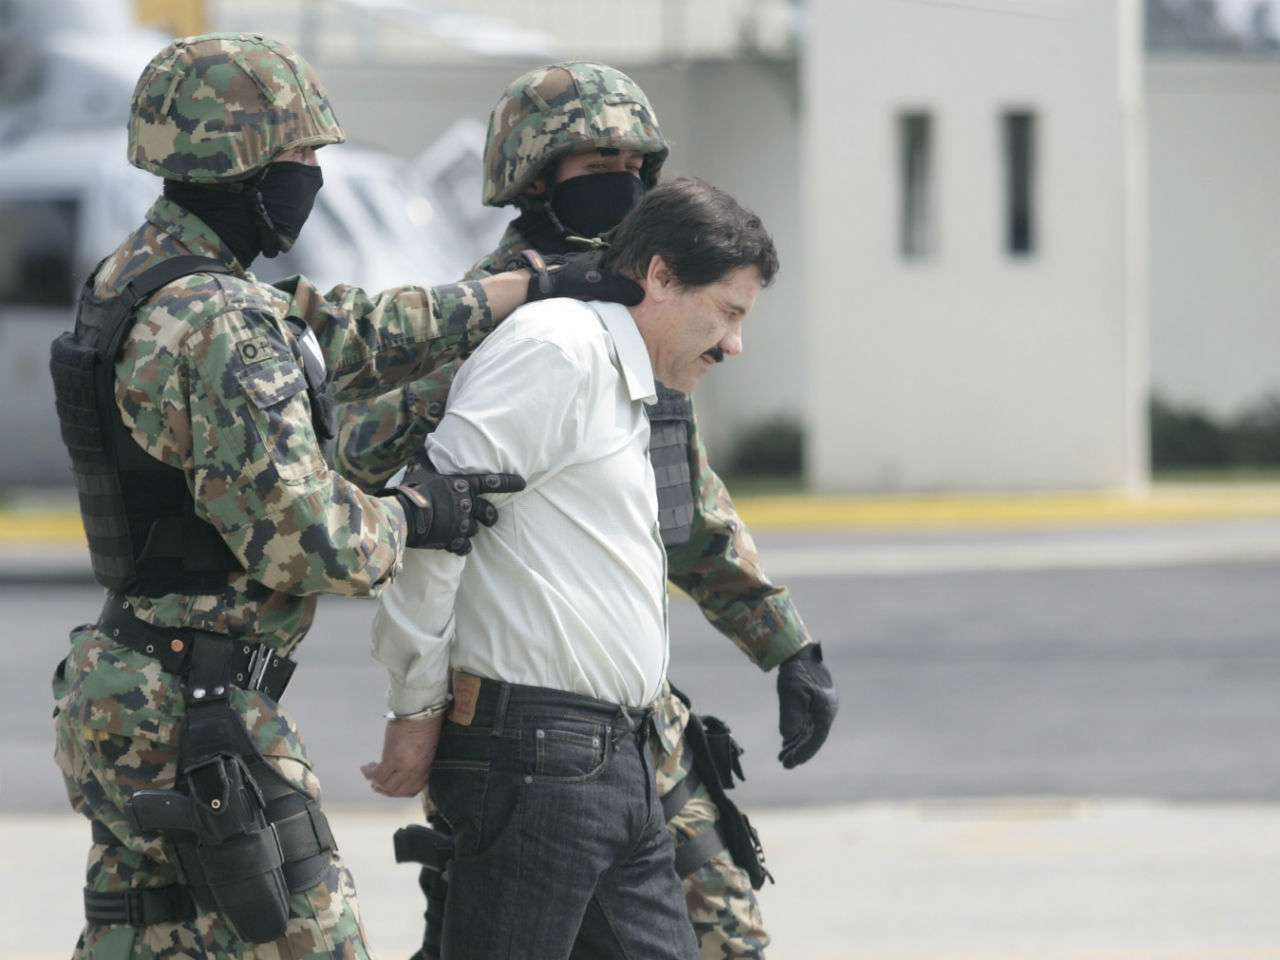 """Héctor Coronel Castillo, alias """"Rincón"""", presuntamente era el vínculo entre las FARC y el recientemente capturado Joaquín """"El Chapo Guzmán. Foto: Archivo/Terra México"""